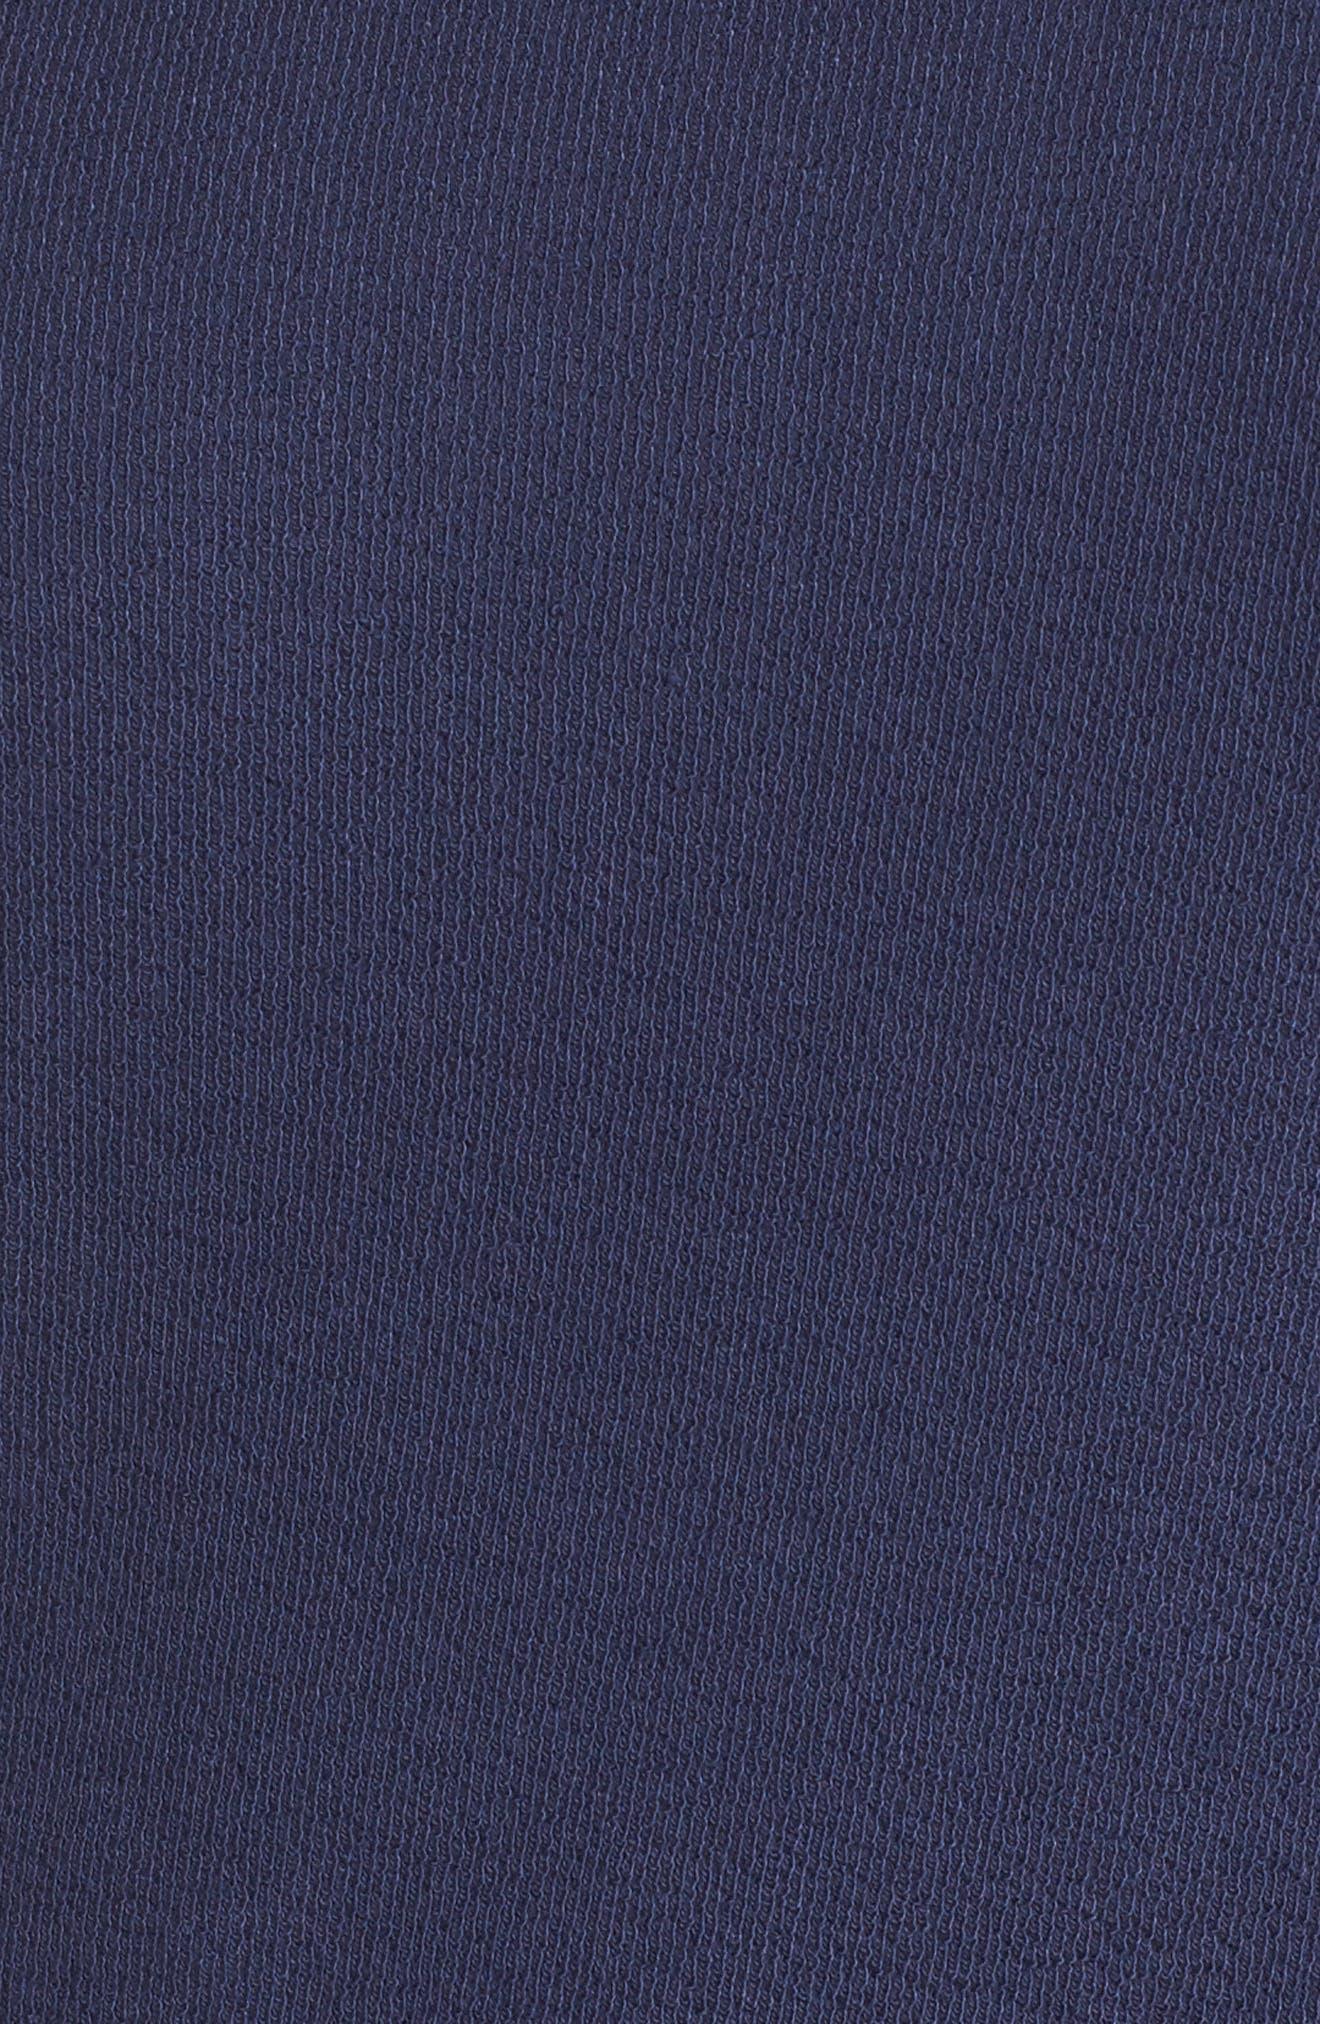 Alternate Image 5  - Caslon Lace Trim Sweatshirt (Plus Size)